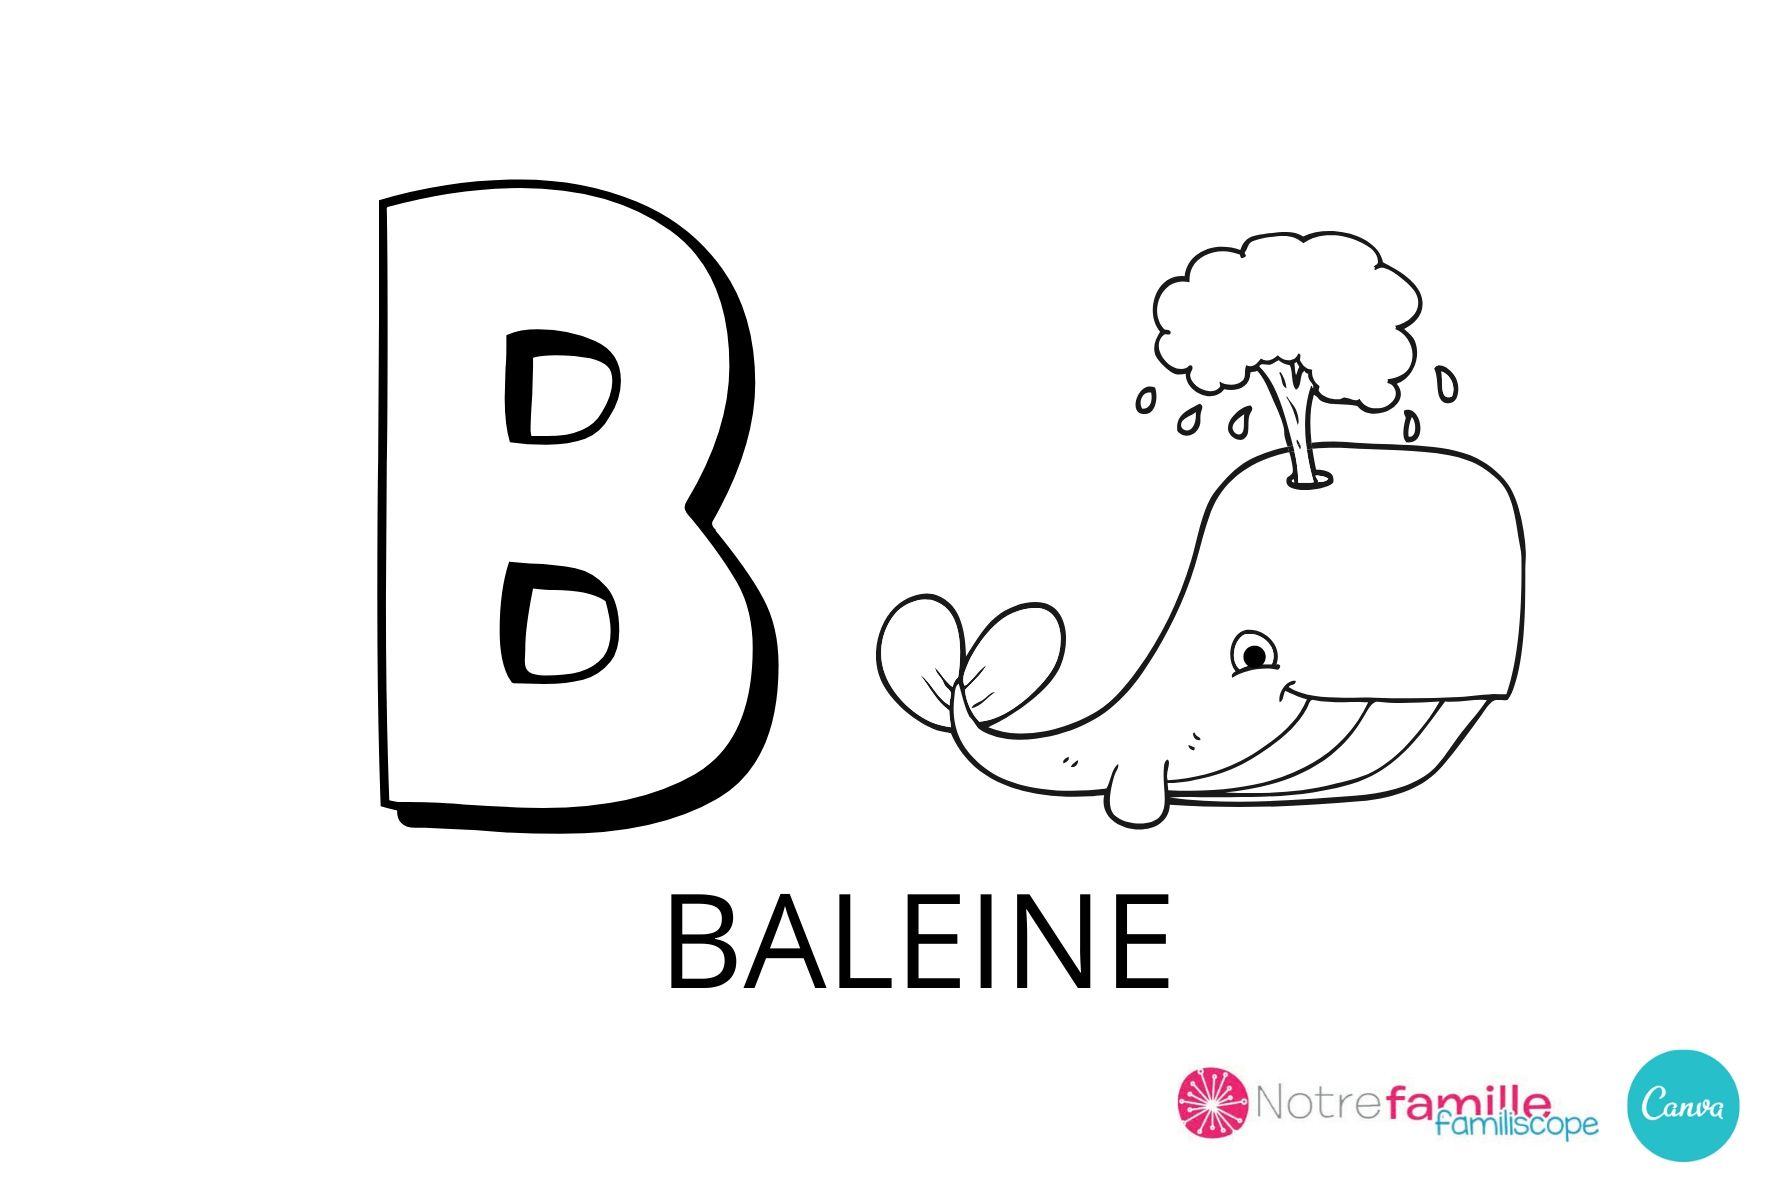 Coloriage Lettre B À Imprimer intérieur Coloriage Alphabet Complet A Imprimer